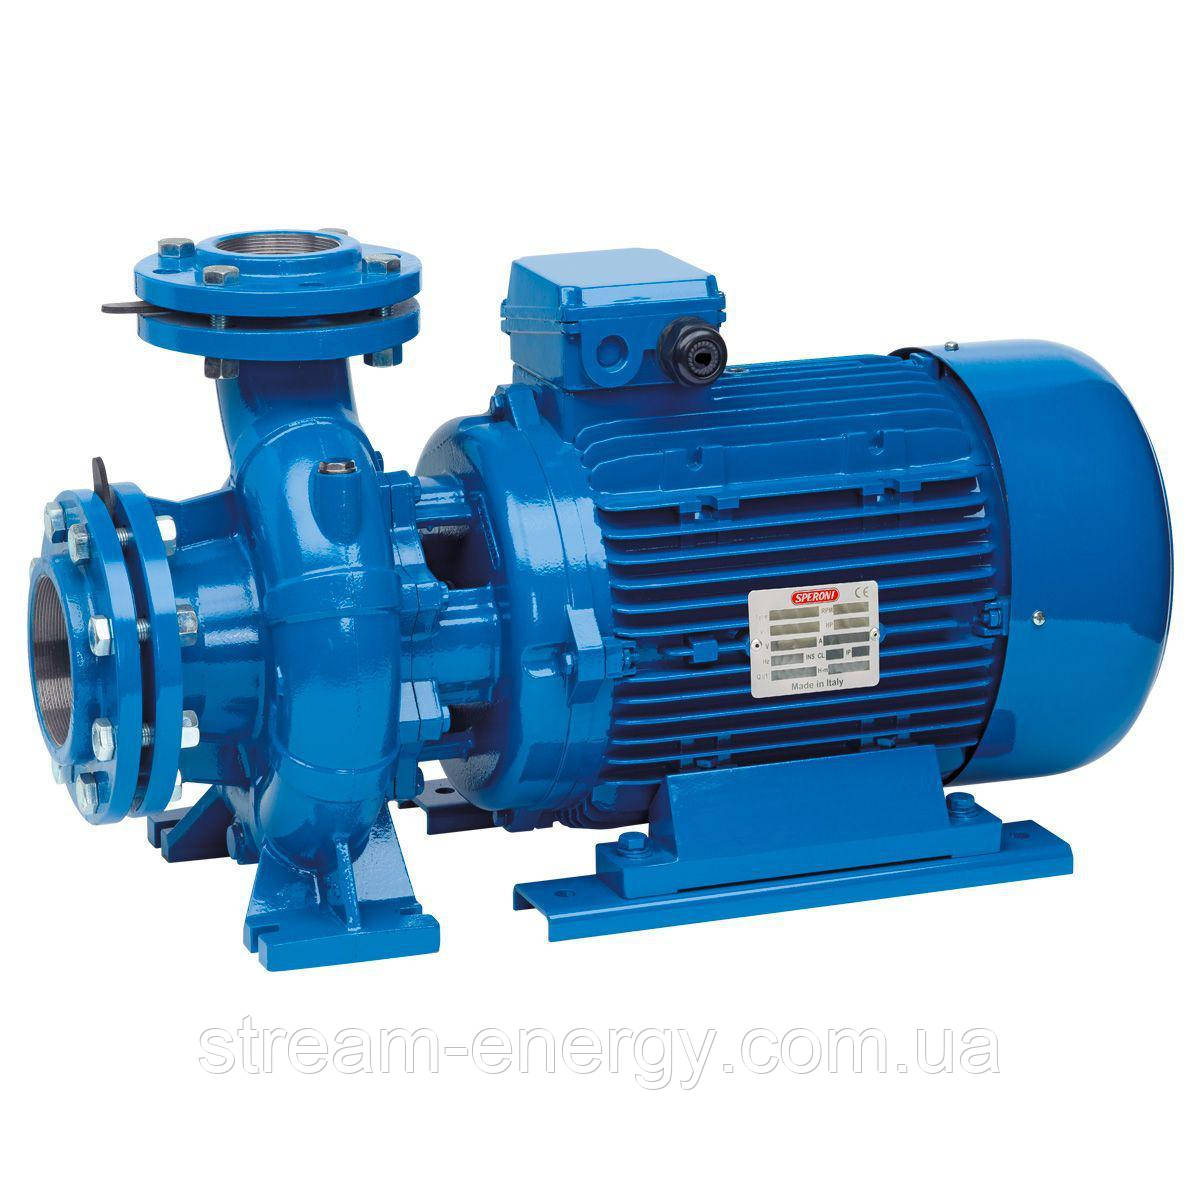 Відцентровий моноблочний насос Speroni CS 80-200A, подача до 240 м3/год